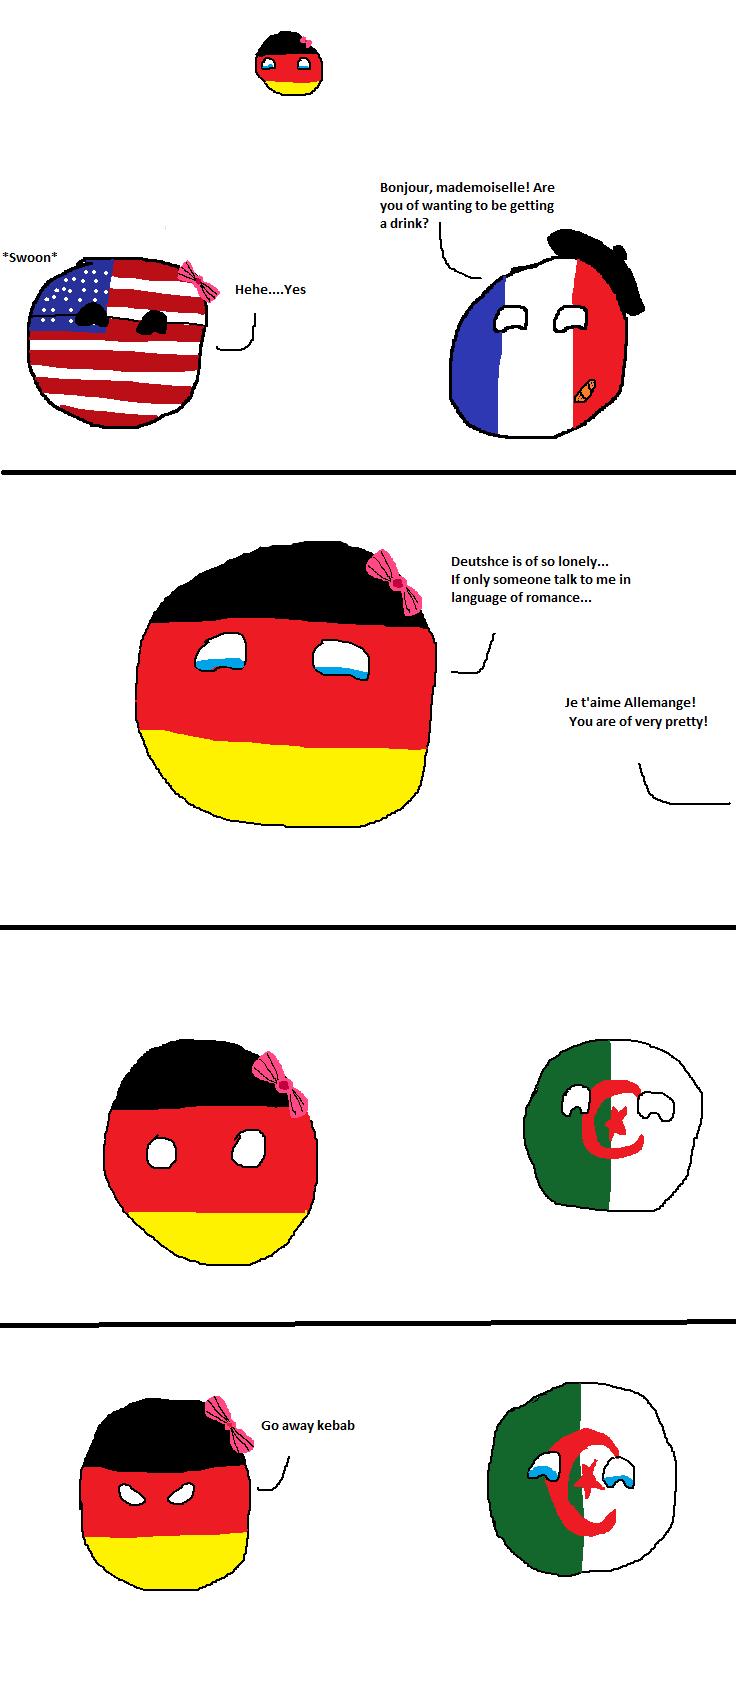 Deutsch is of lonely